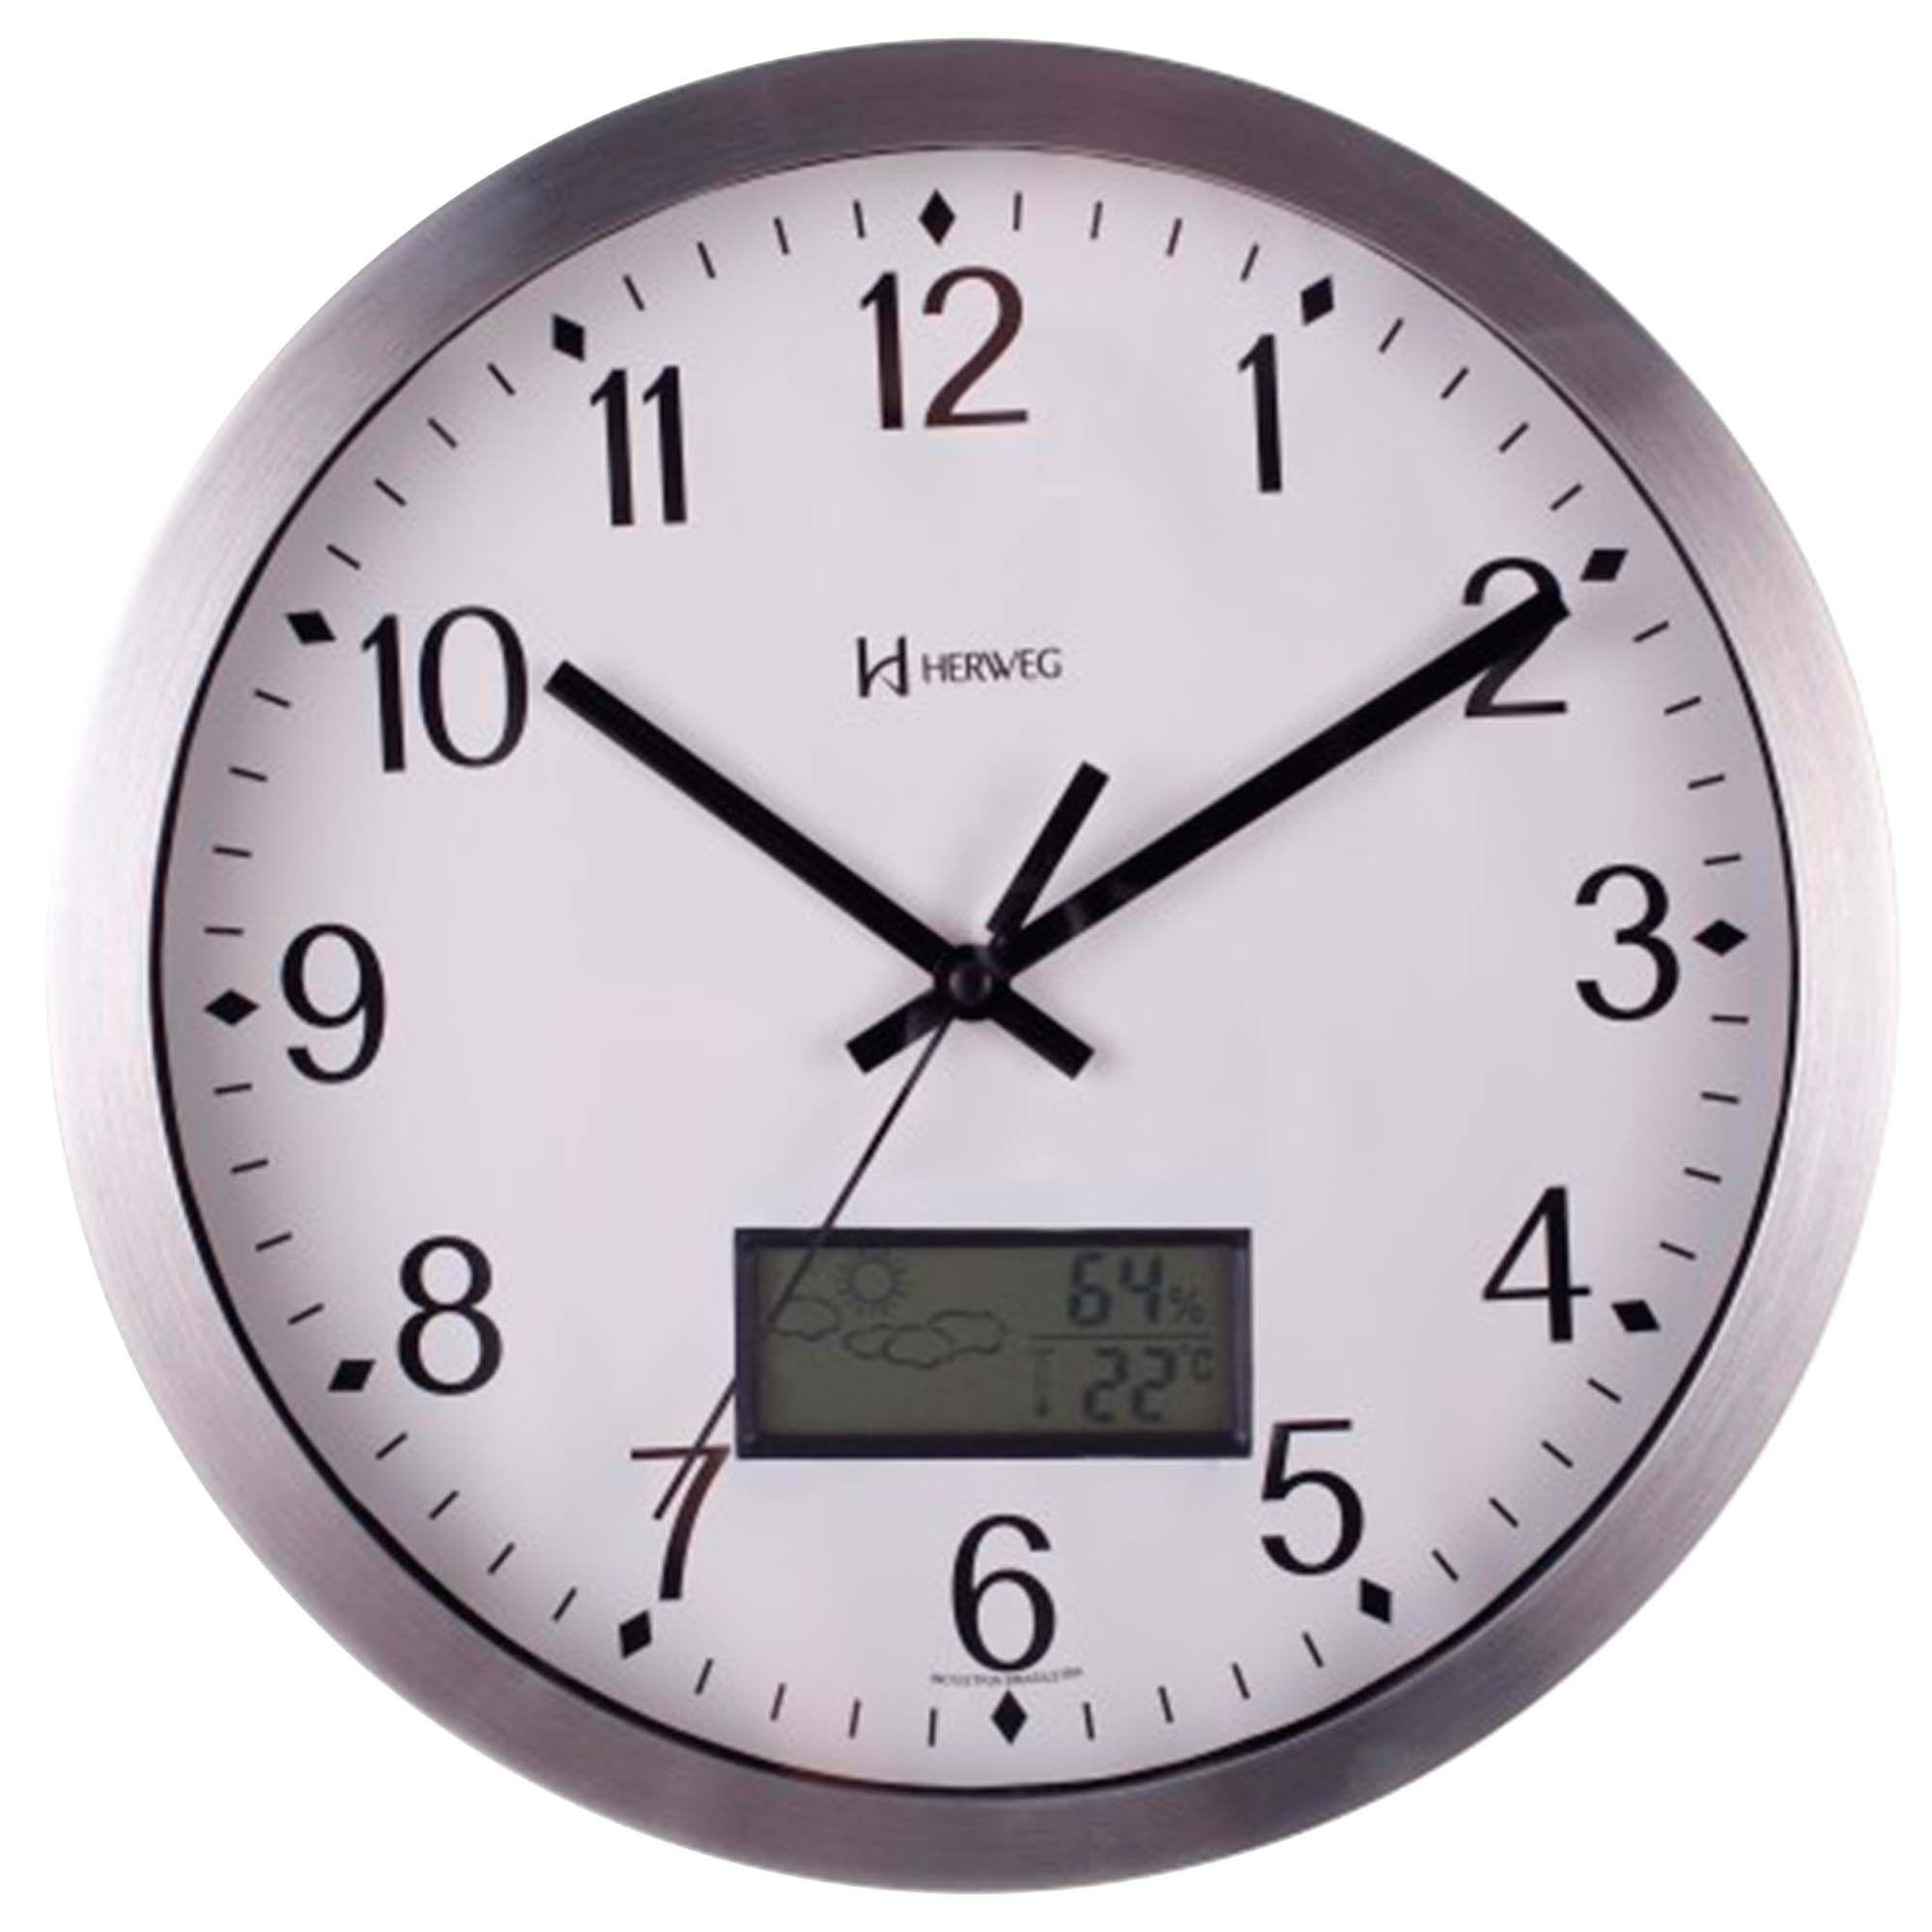 Relógio de Parede Analógico Herweg 6721 079 Alumínio